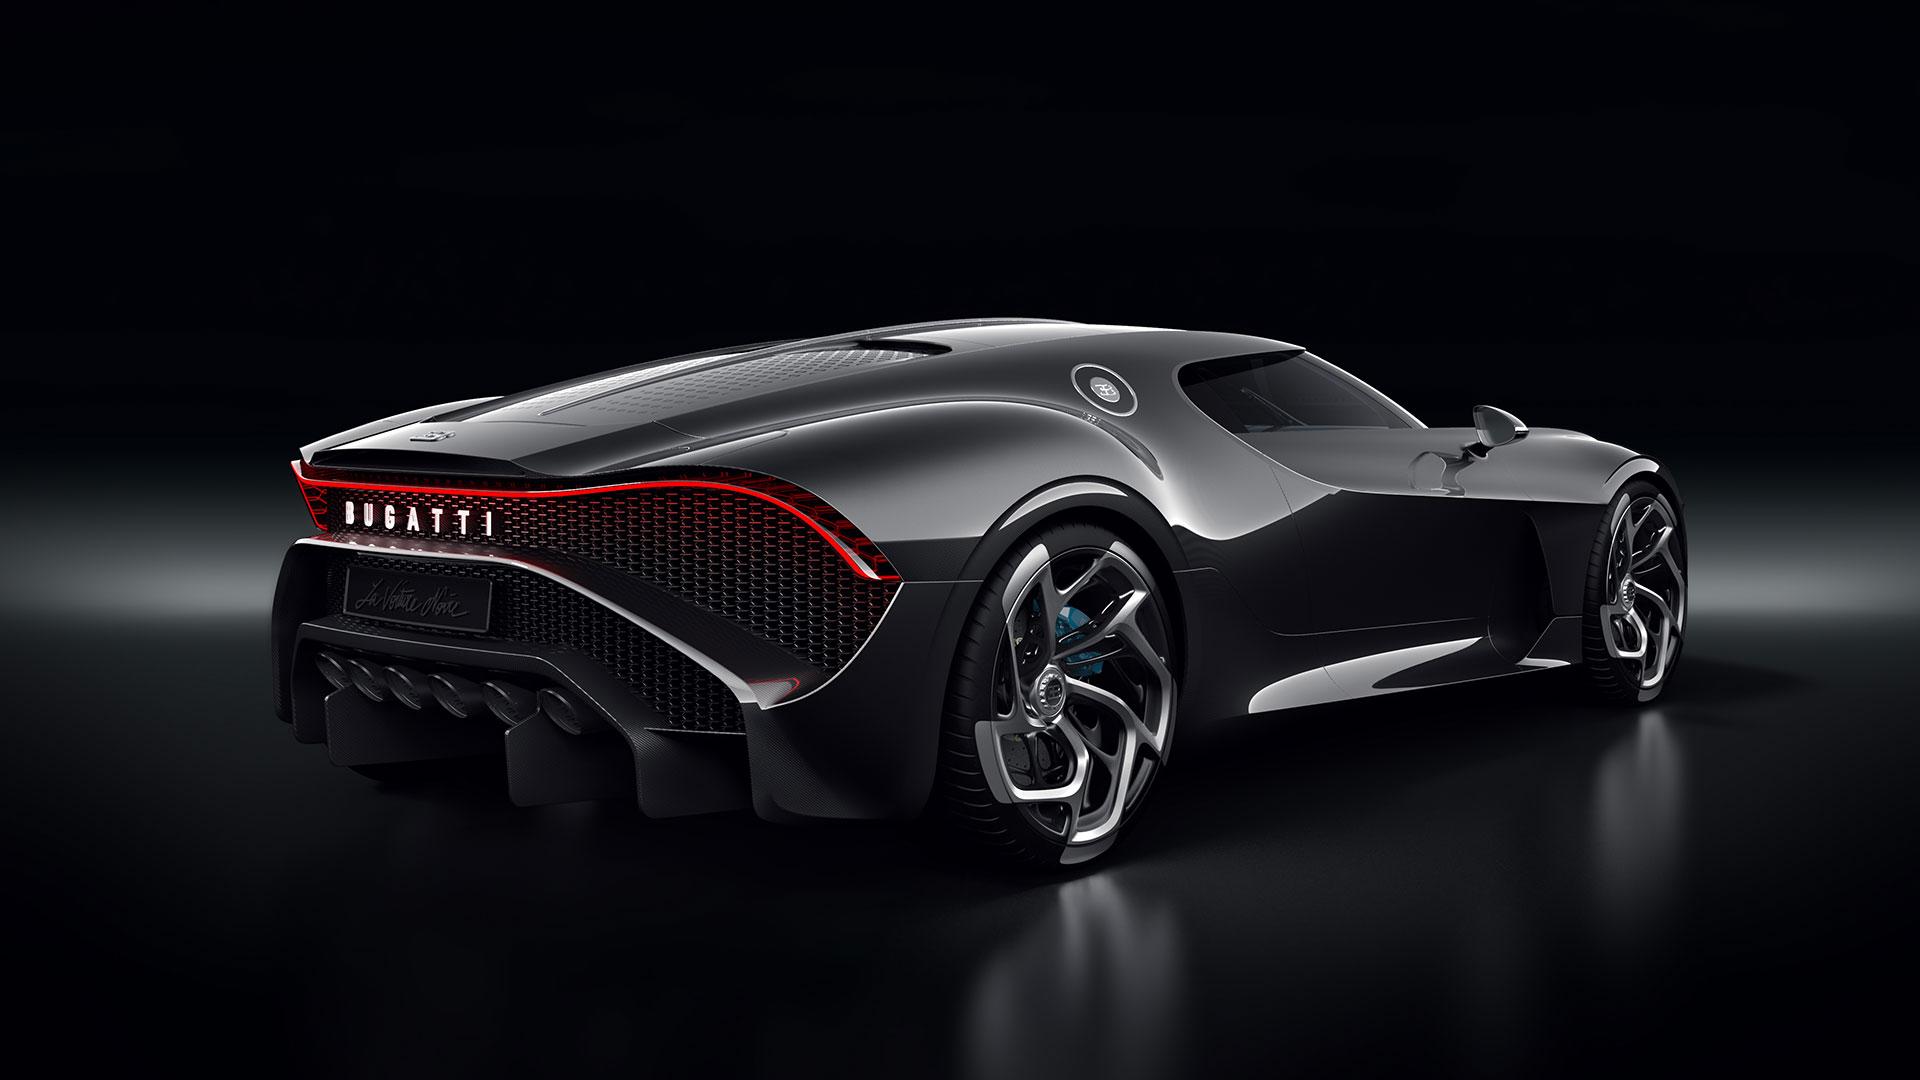 «Чёрная машина» Bugatti может принадлежать Криштиану Роналду